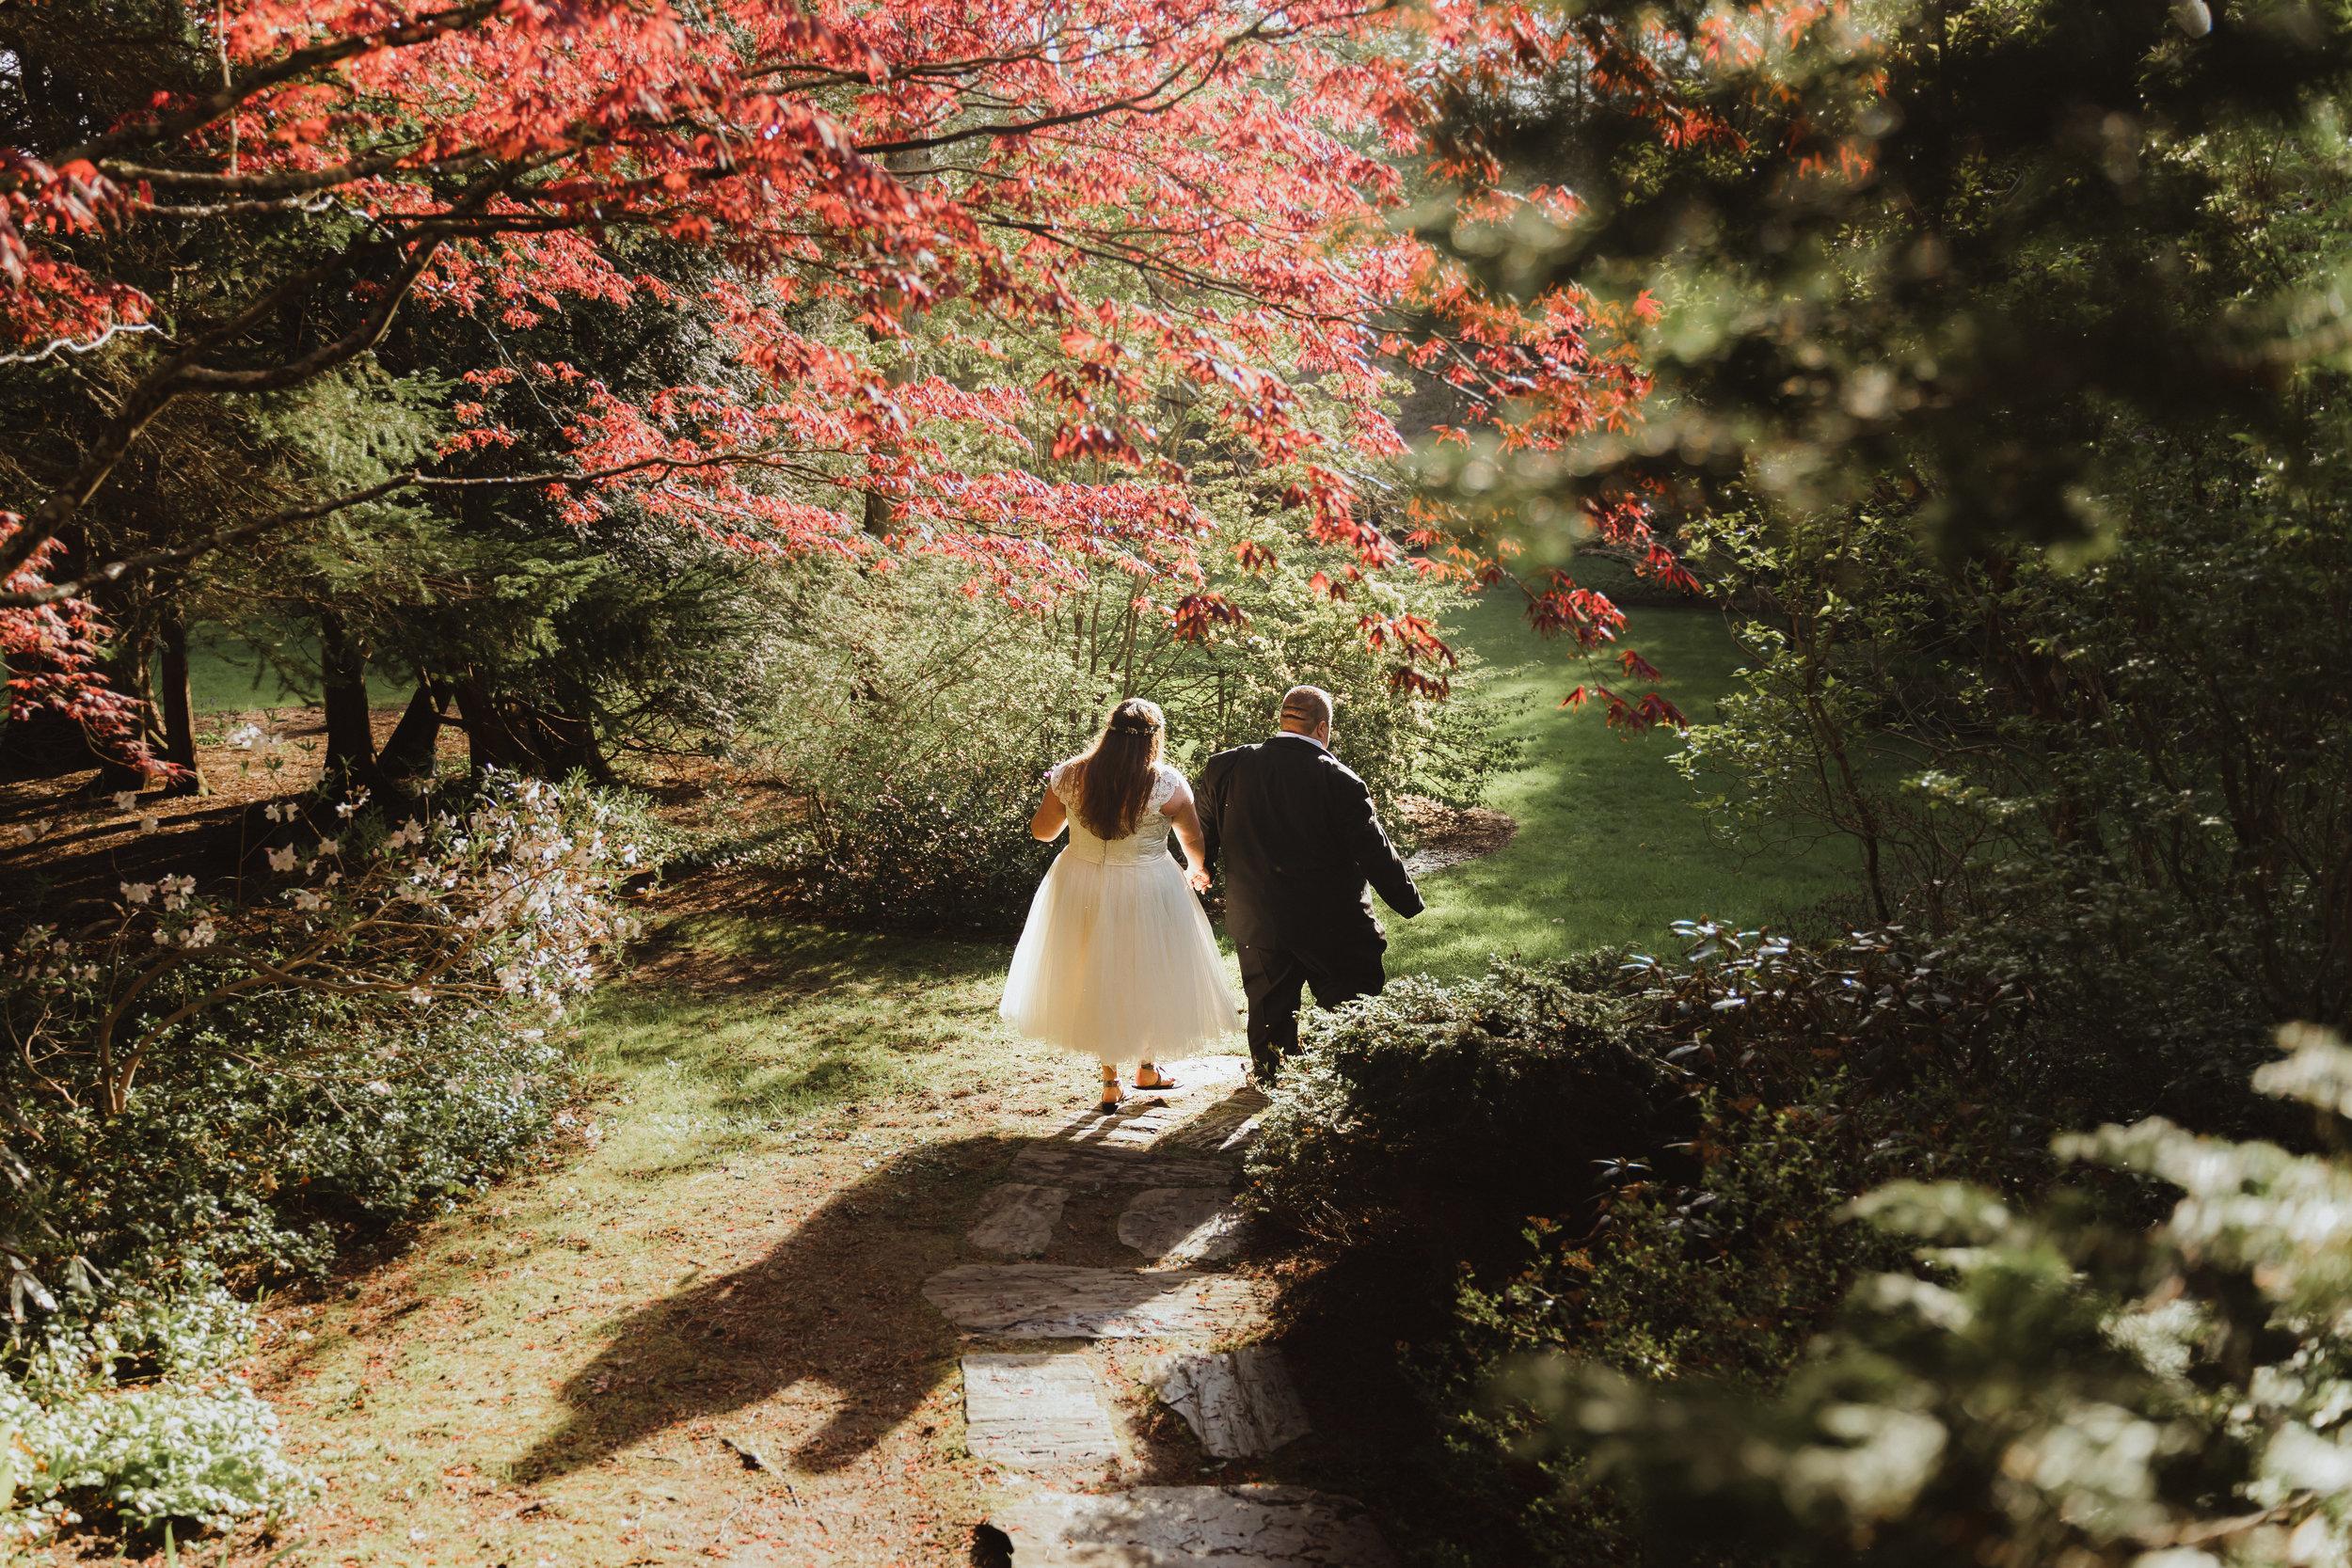 coastal wedding plus size couple rockland maine vesper hill childrens chapel 1